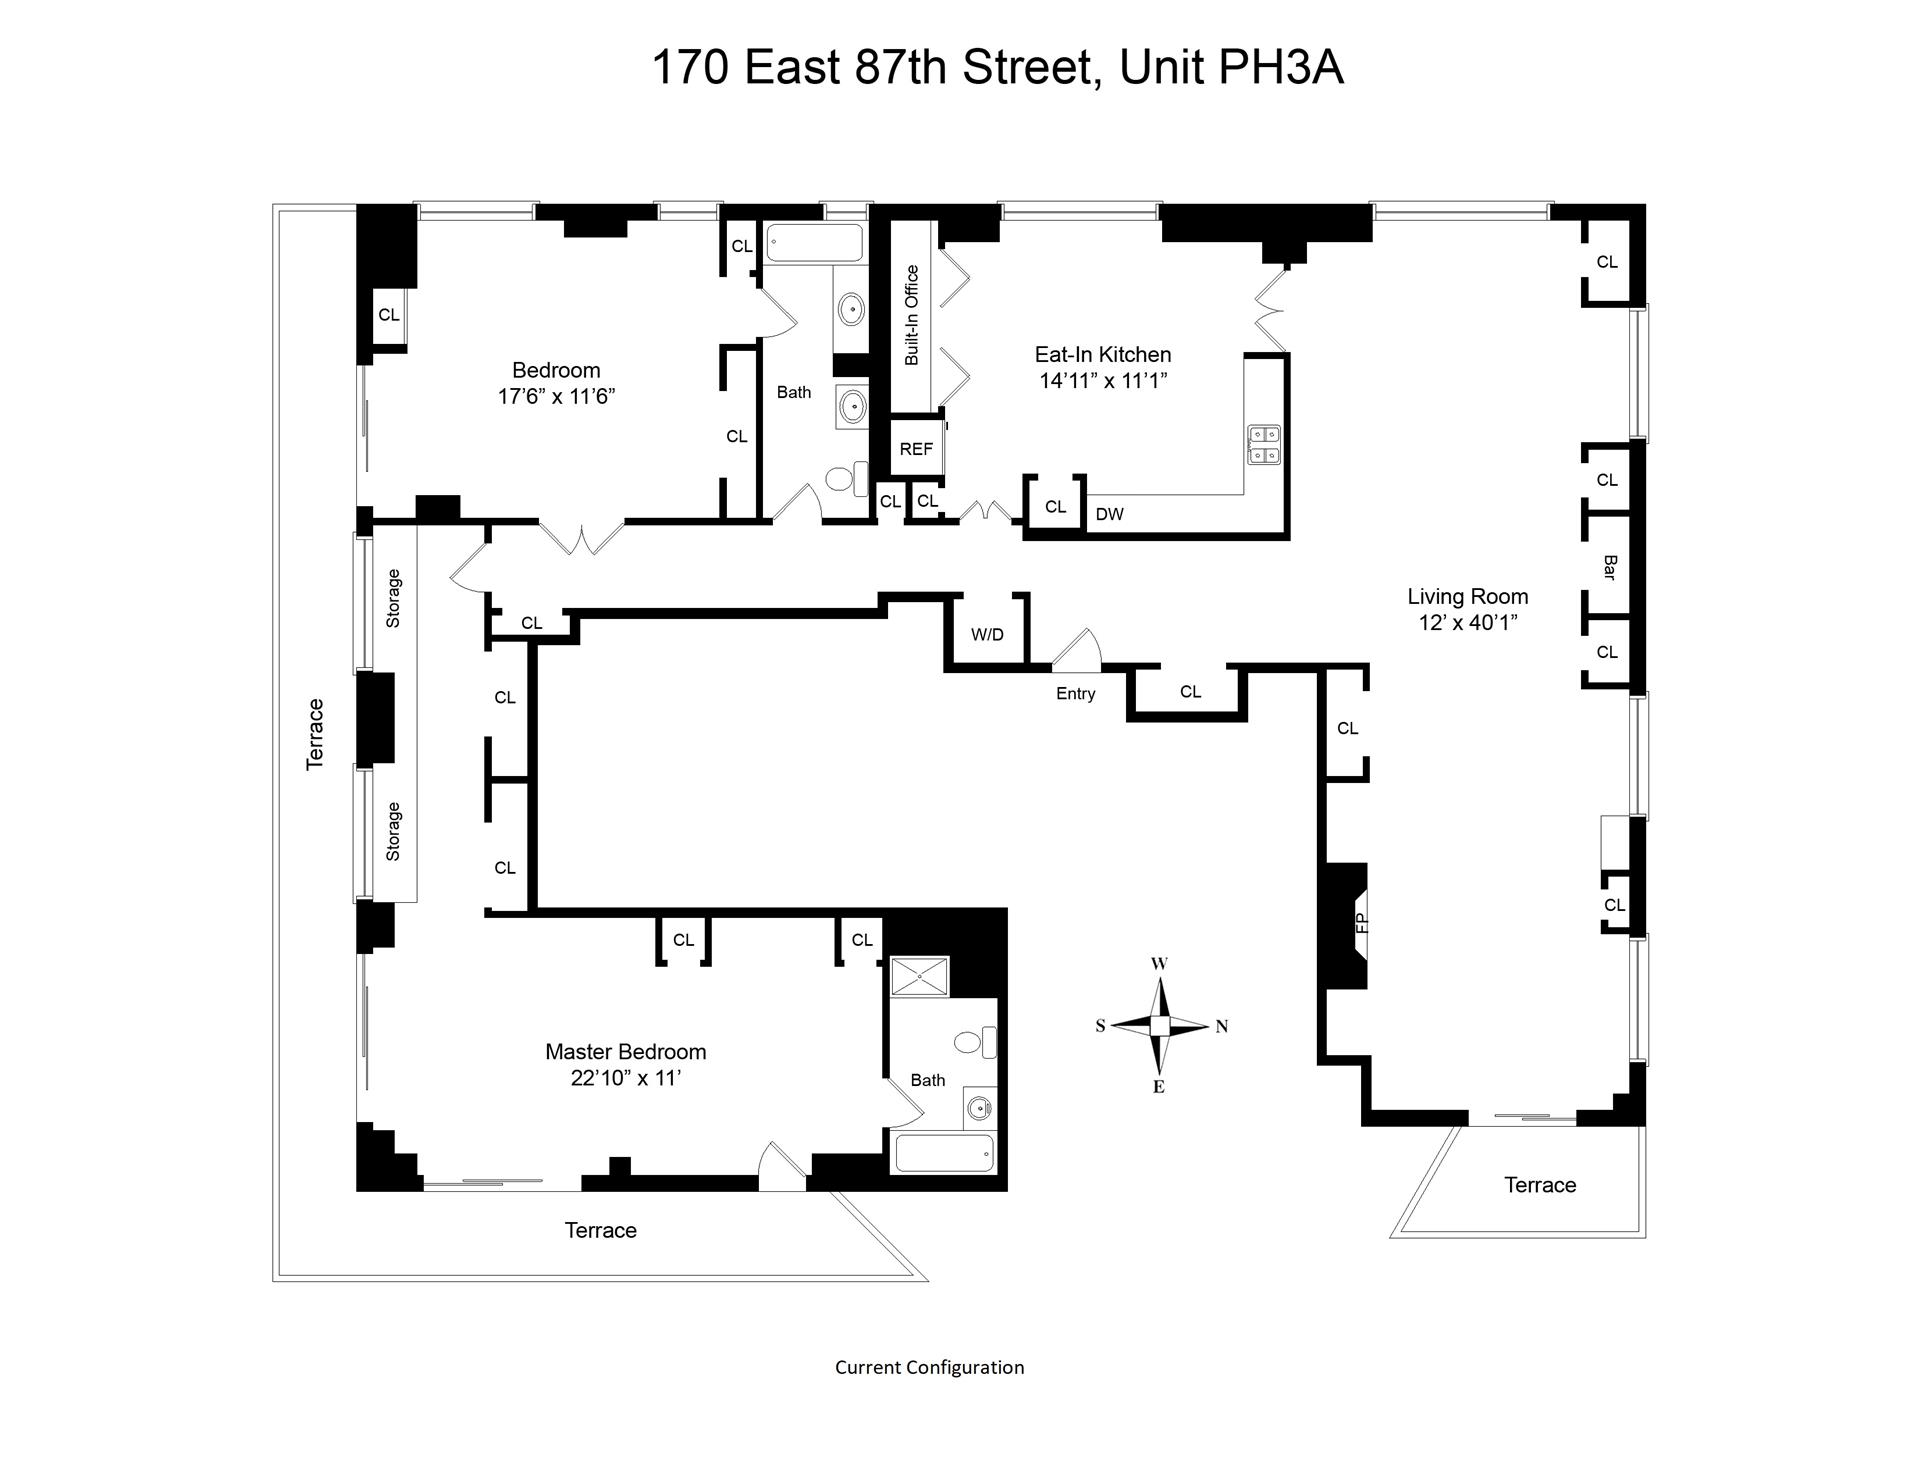 Floor plan of 170 East 87th St, EPH3 - Upper East Side, New York